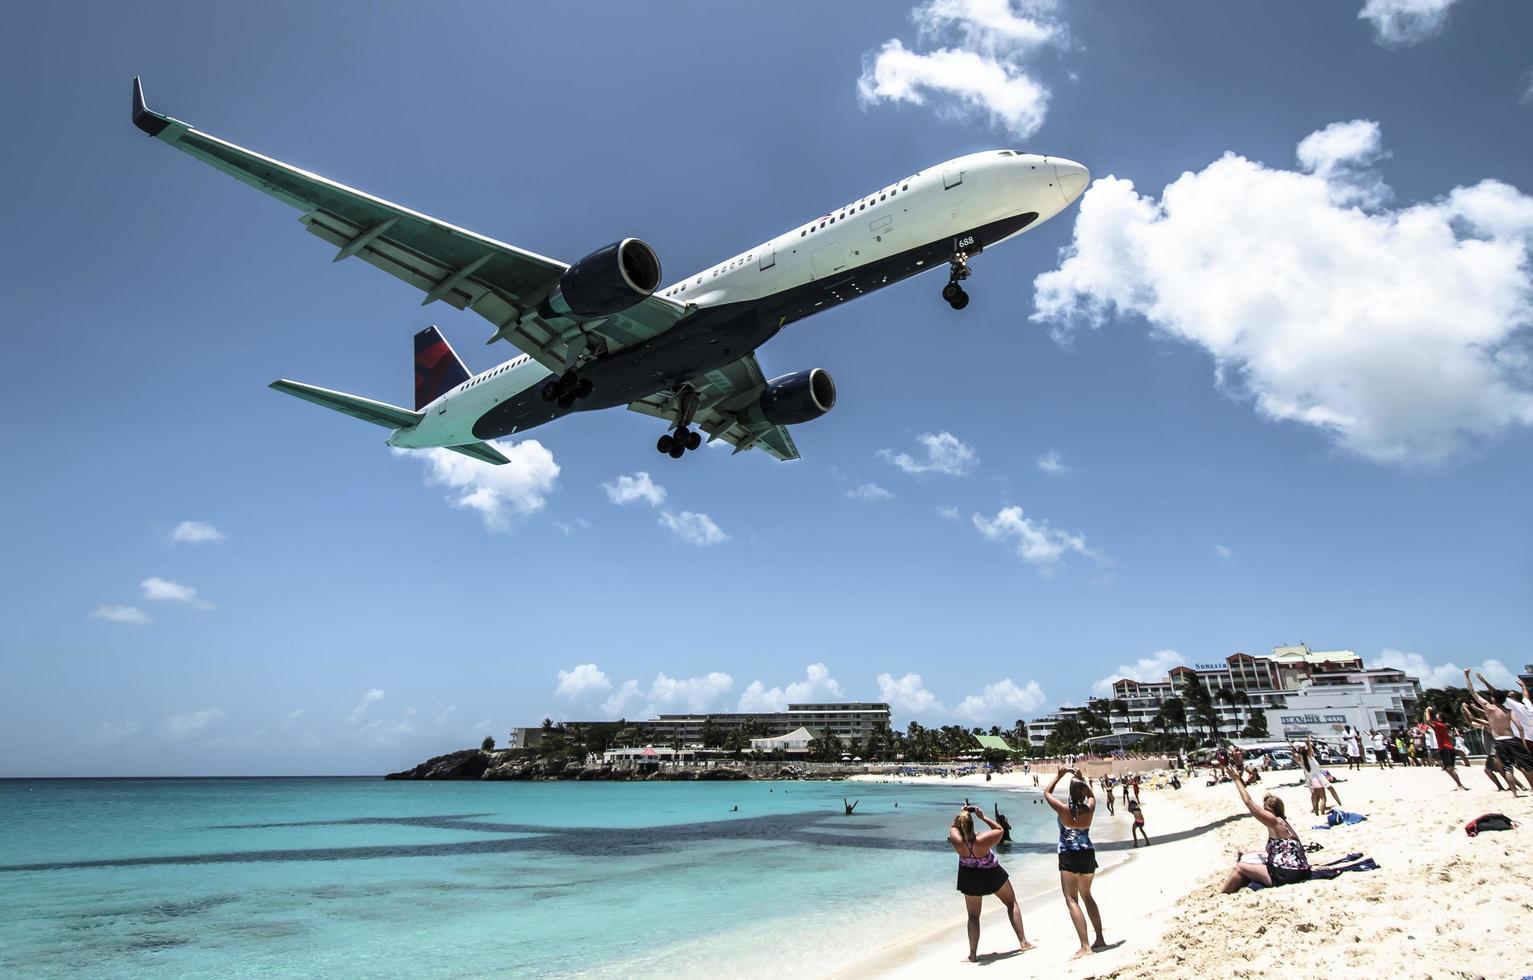 S t. Martin, 2013-turistas se agolpan en la playa de maho mientras un avión de vuelo bajo se acerca a la pista sobre la costa foto